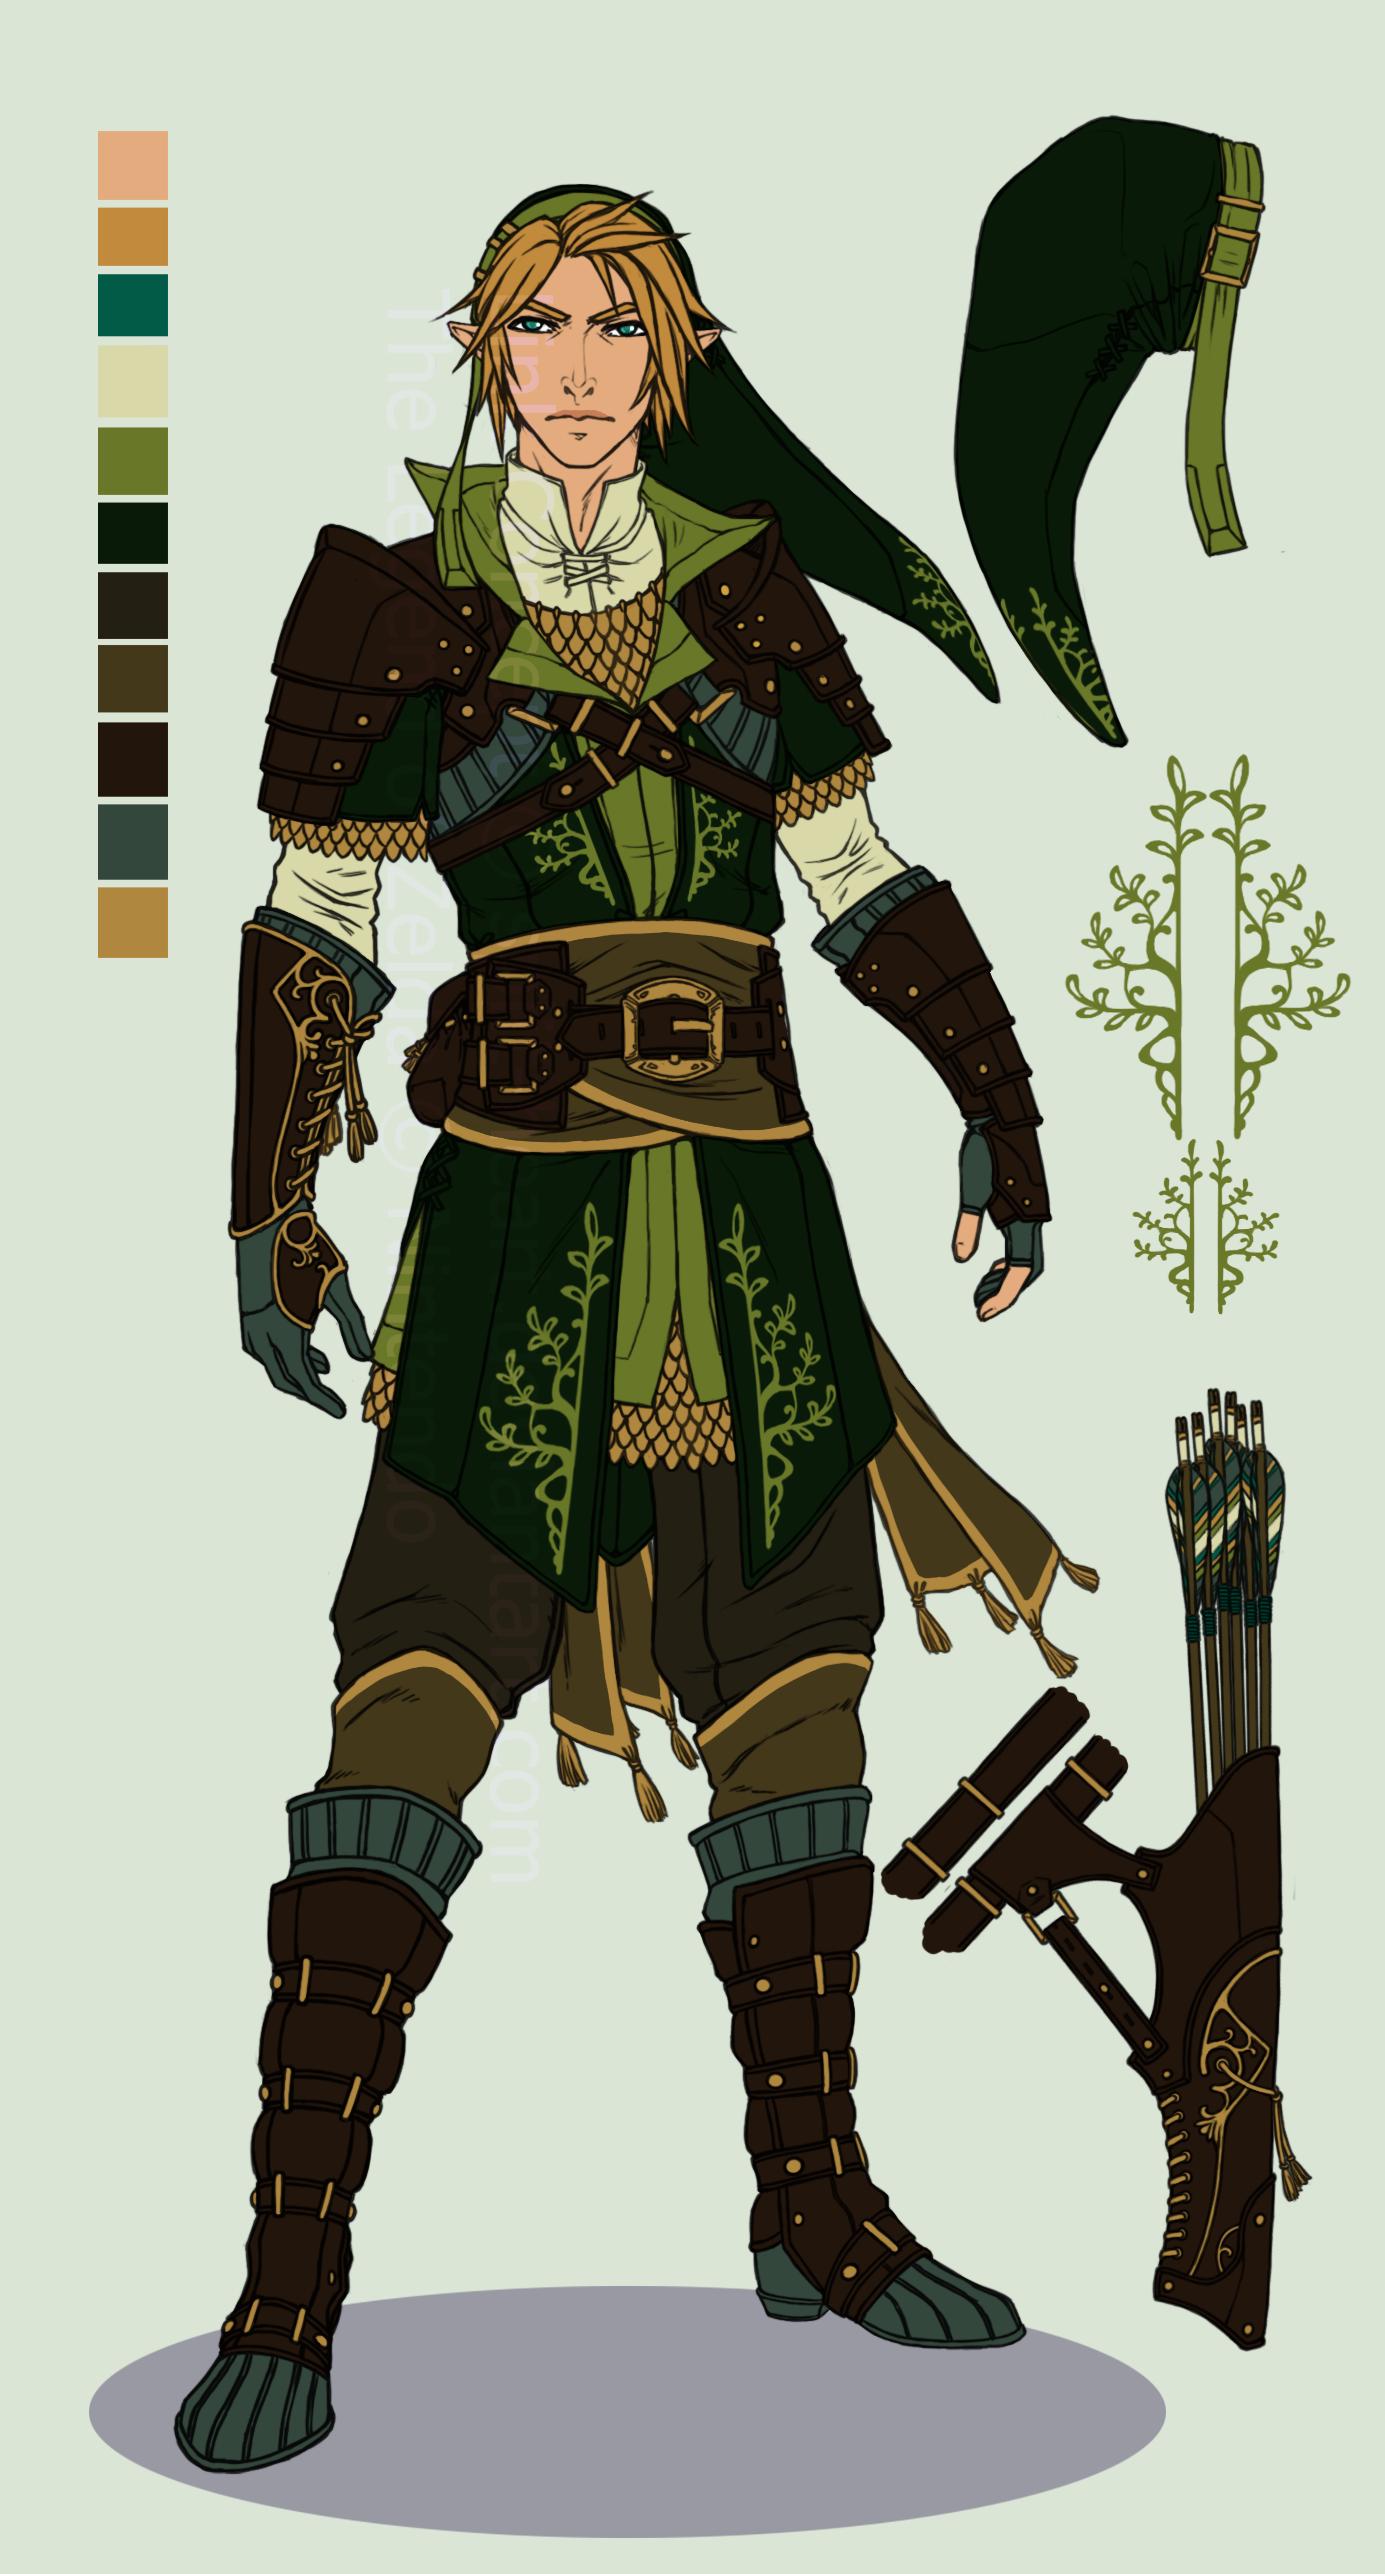 Character Design Challenge Zelda : Beautiful legend of zelda inspired costume designs